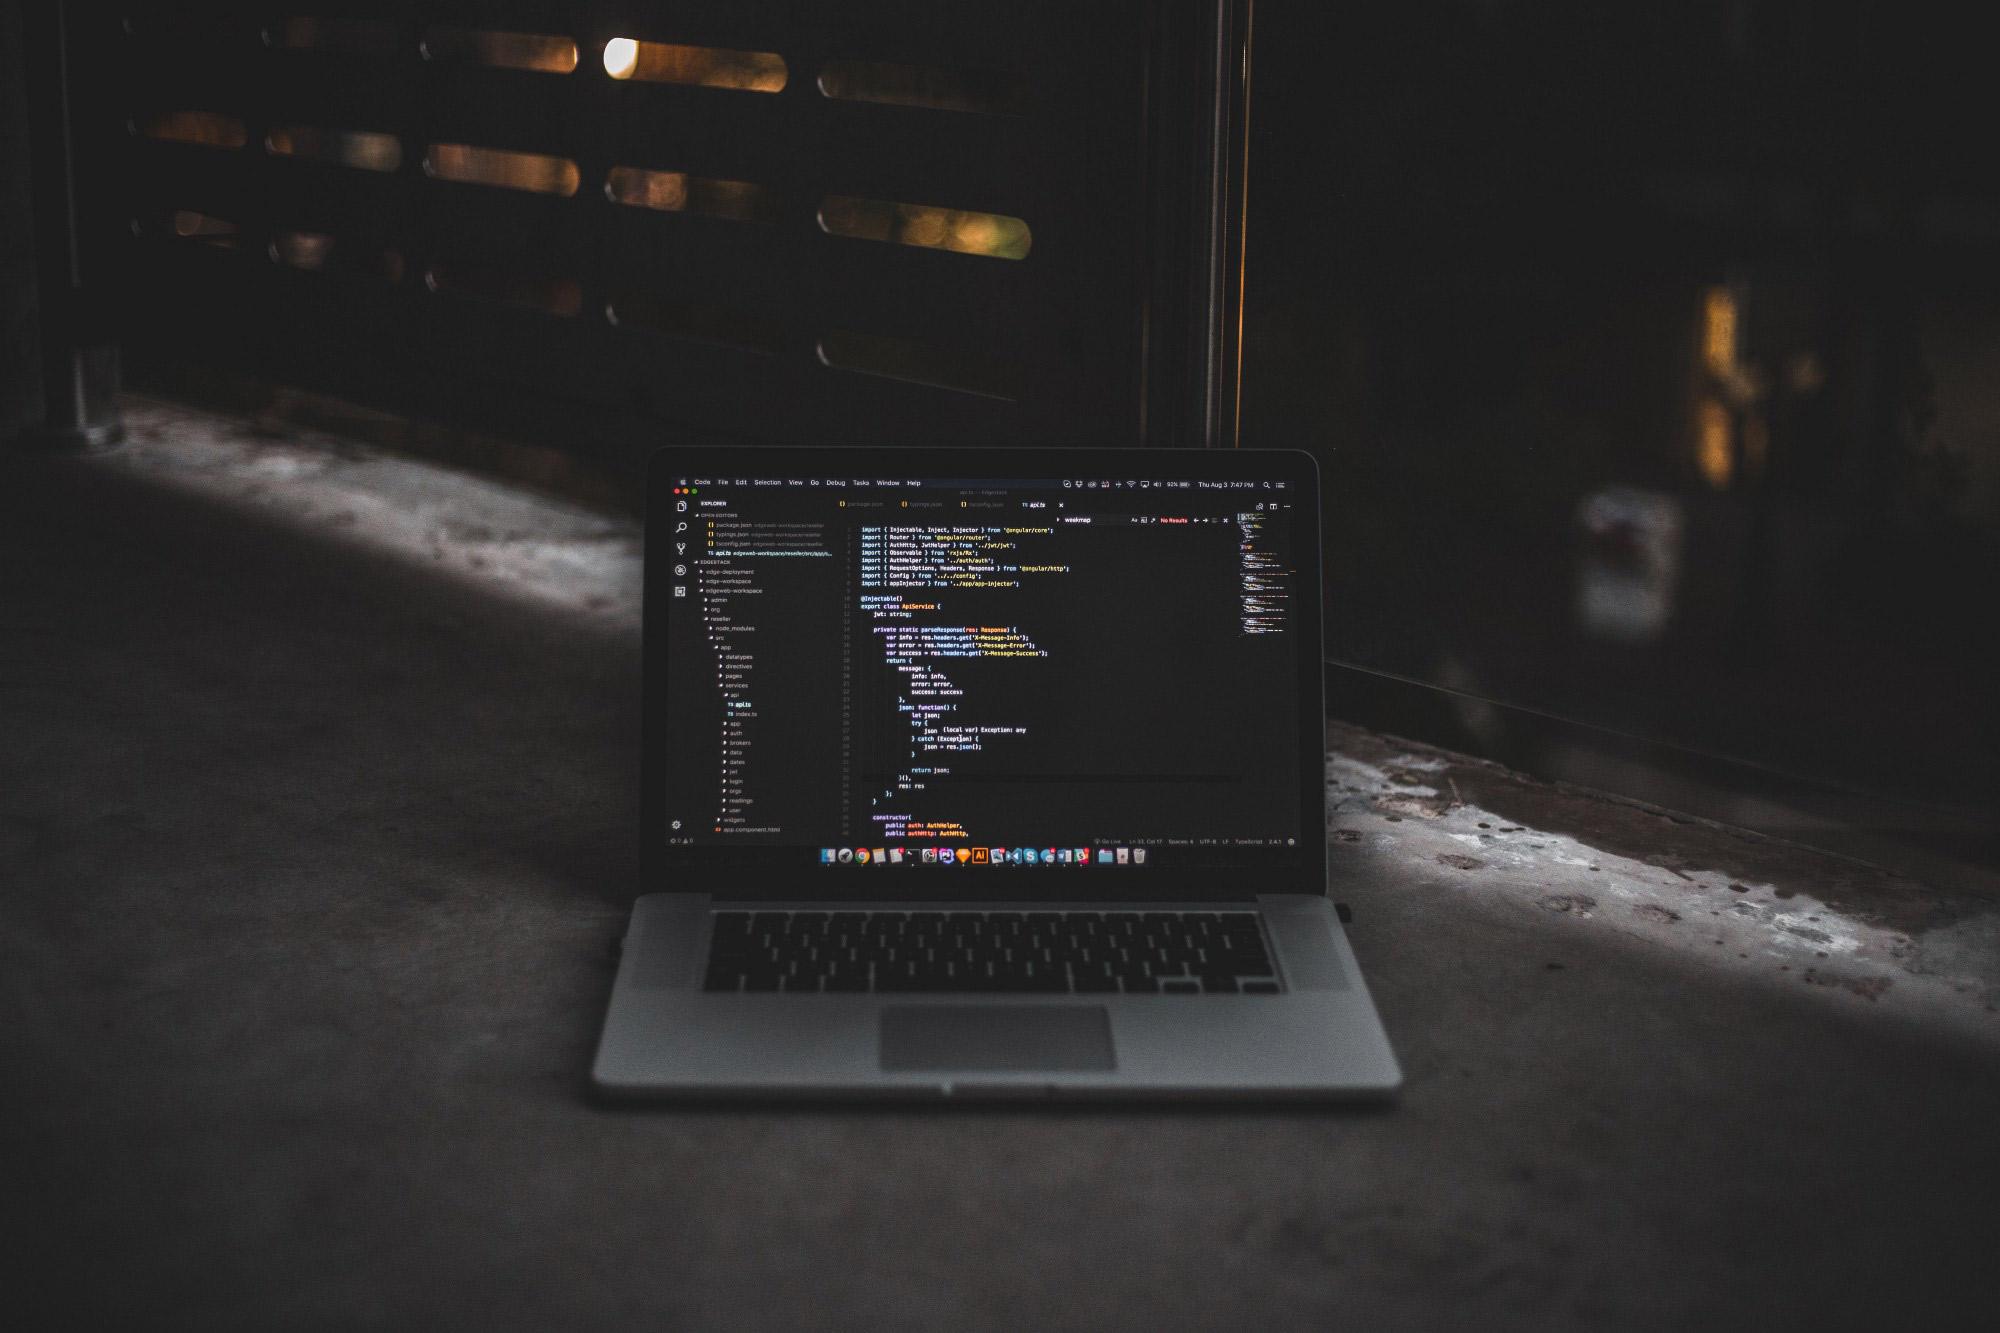 تاثیرات جاوا اسکریپت در دنیای وب